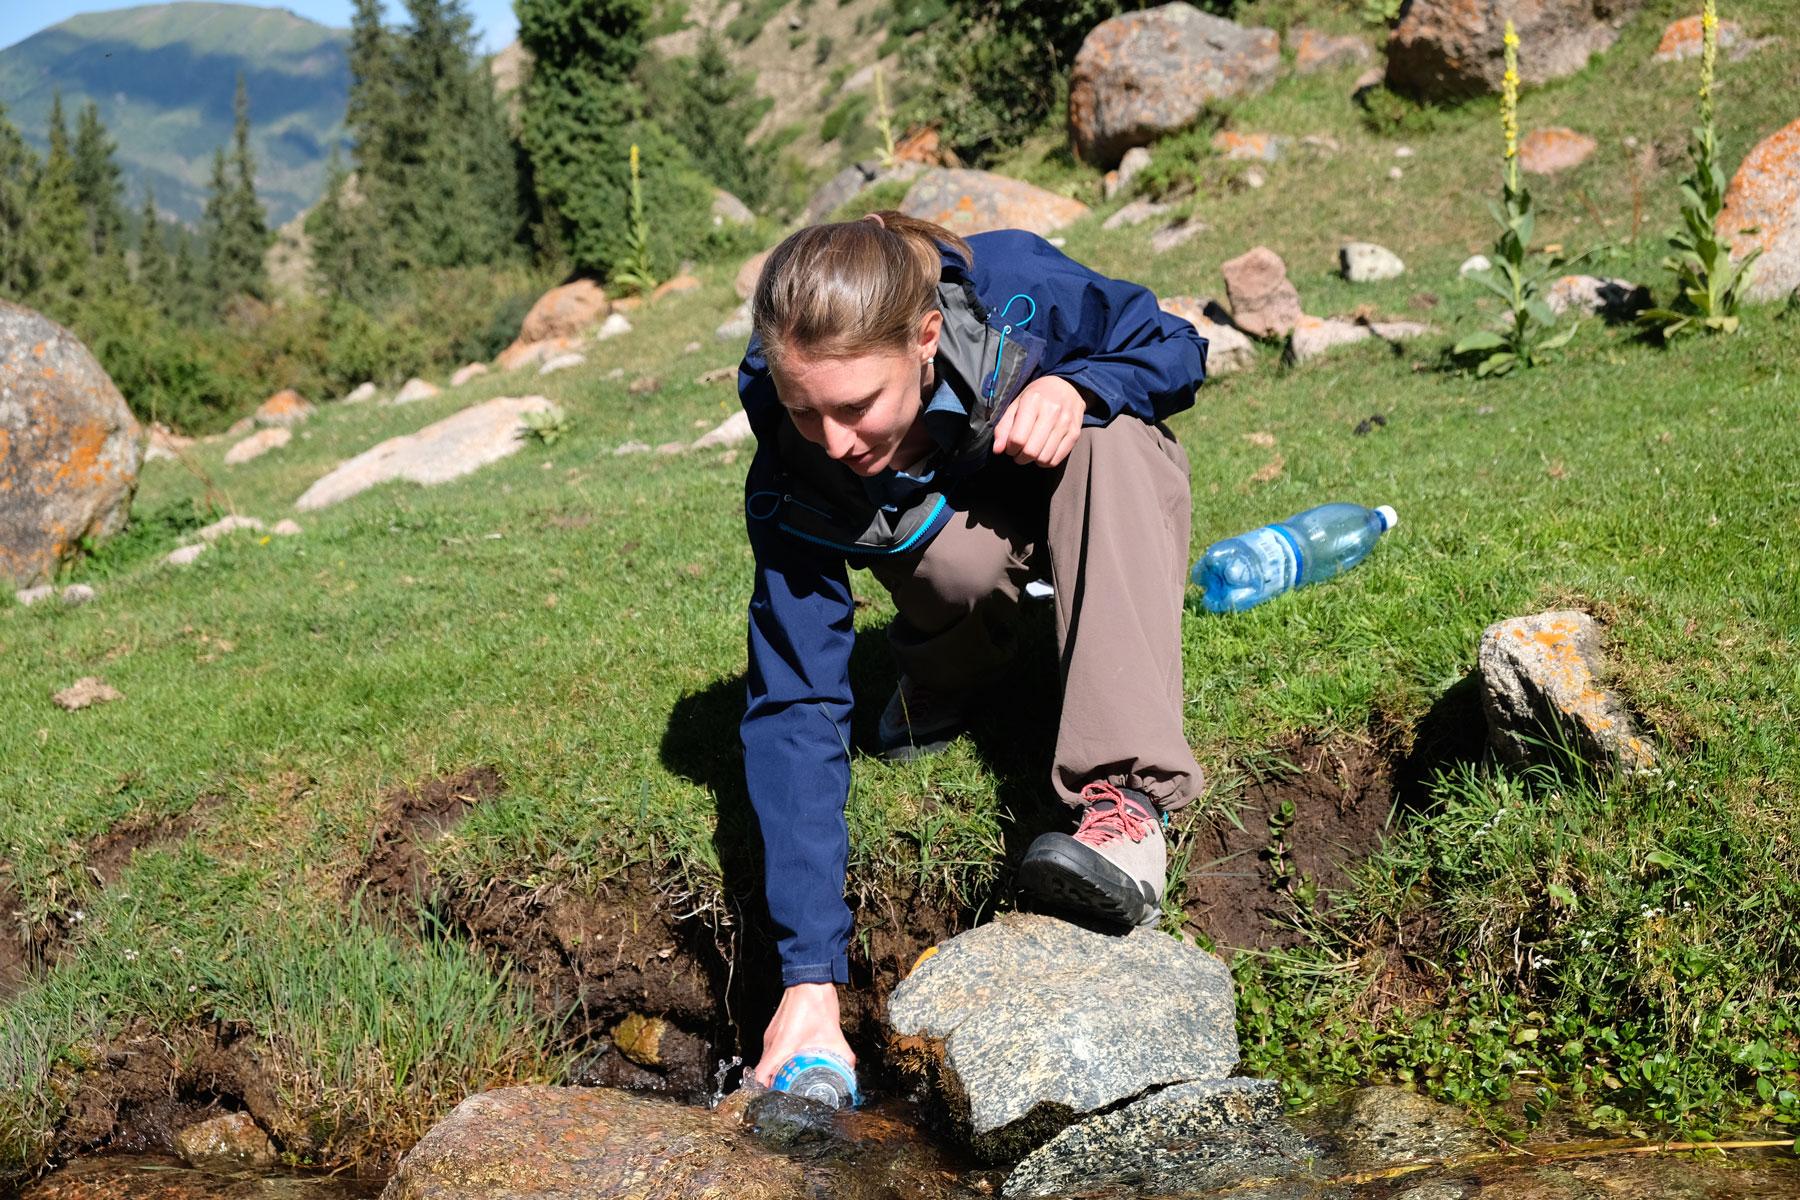 Auf dem Weg zum Gletscher stoppen wir an einem Bach, dessen Wasser wir trinken können